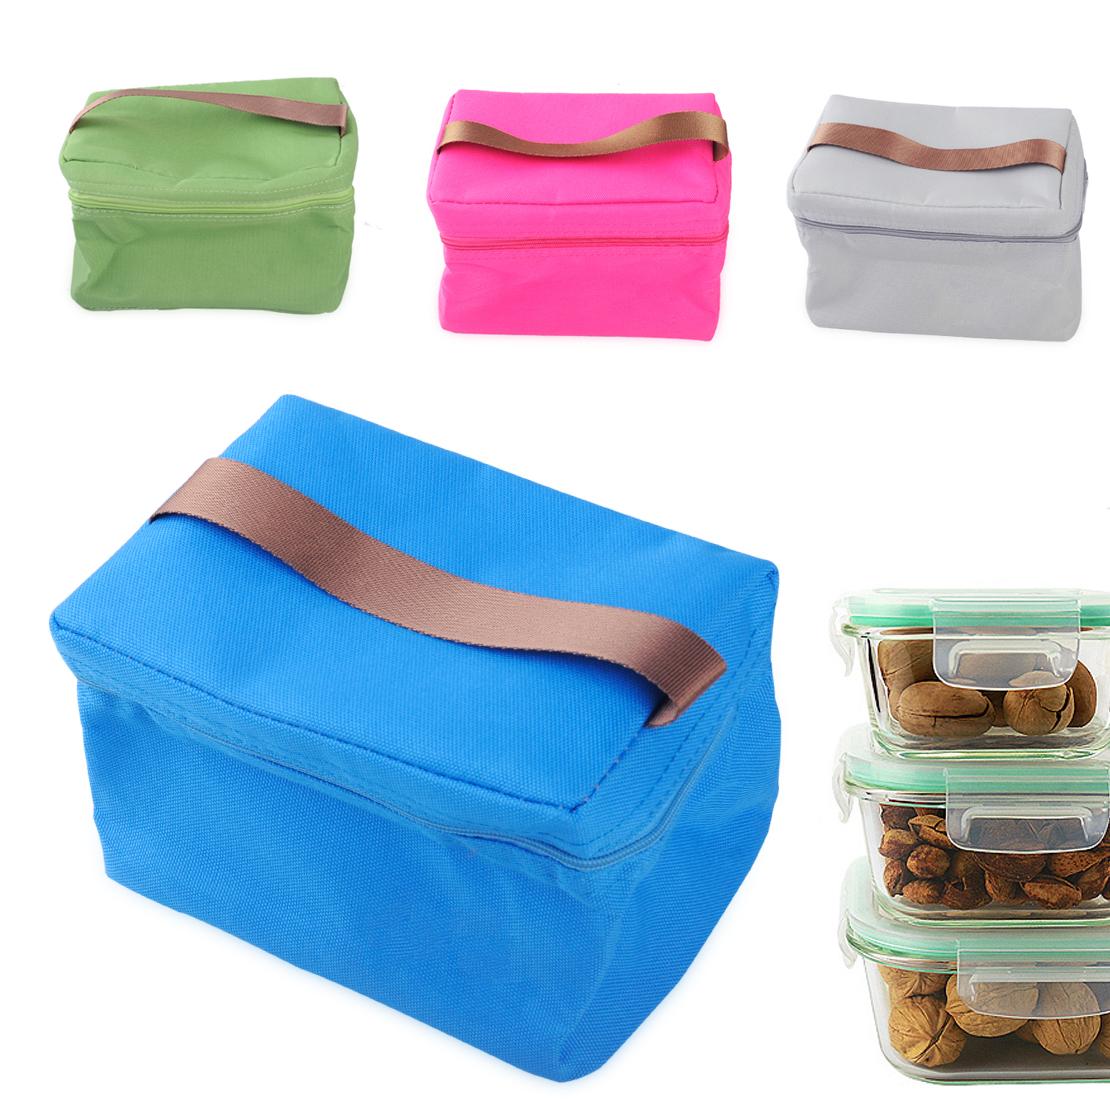 Tragbar Isoliertasche Kühltasche Kühlbox Picknicktasc…  